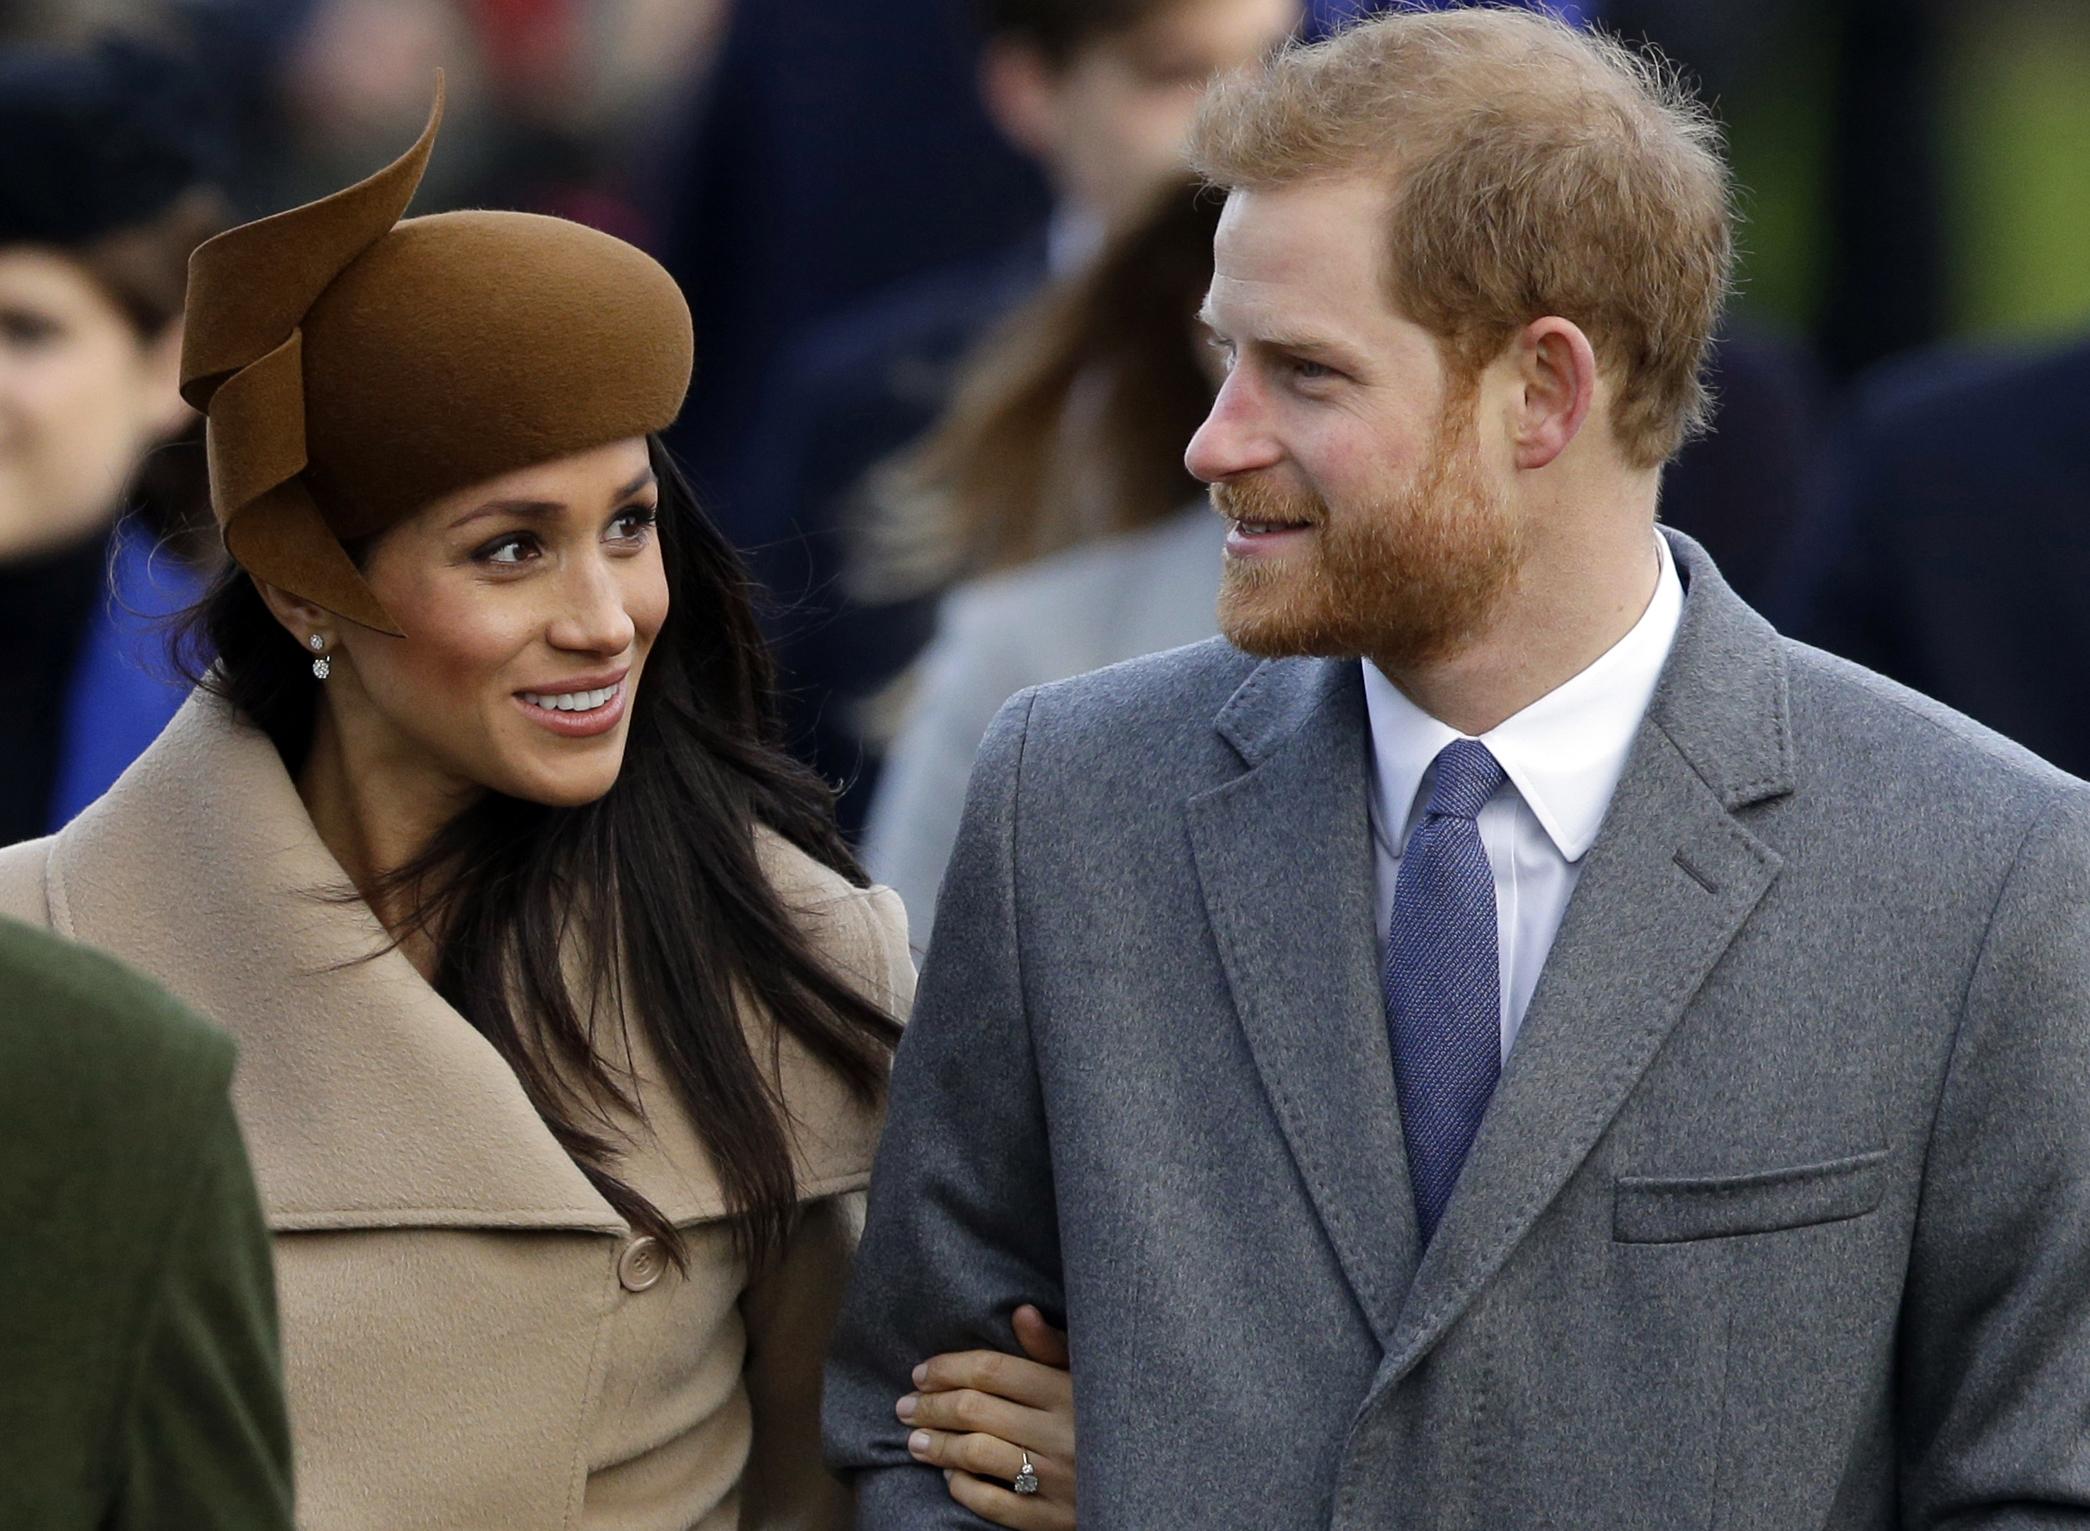 Con el anuncio de la boda llegaron las actividades oficiales en las que Meghan comenzaba a integrarse a su nuevo entorno. La primera de ellas fue el servicio religioso navideño con la reina Elizabeth II, una tradición anual de la familia real británica. (Archivo)